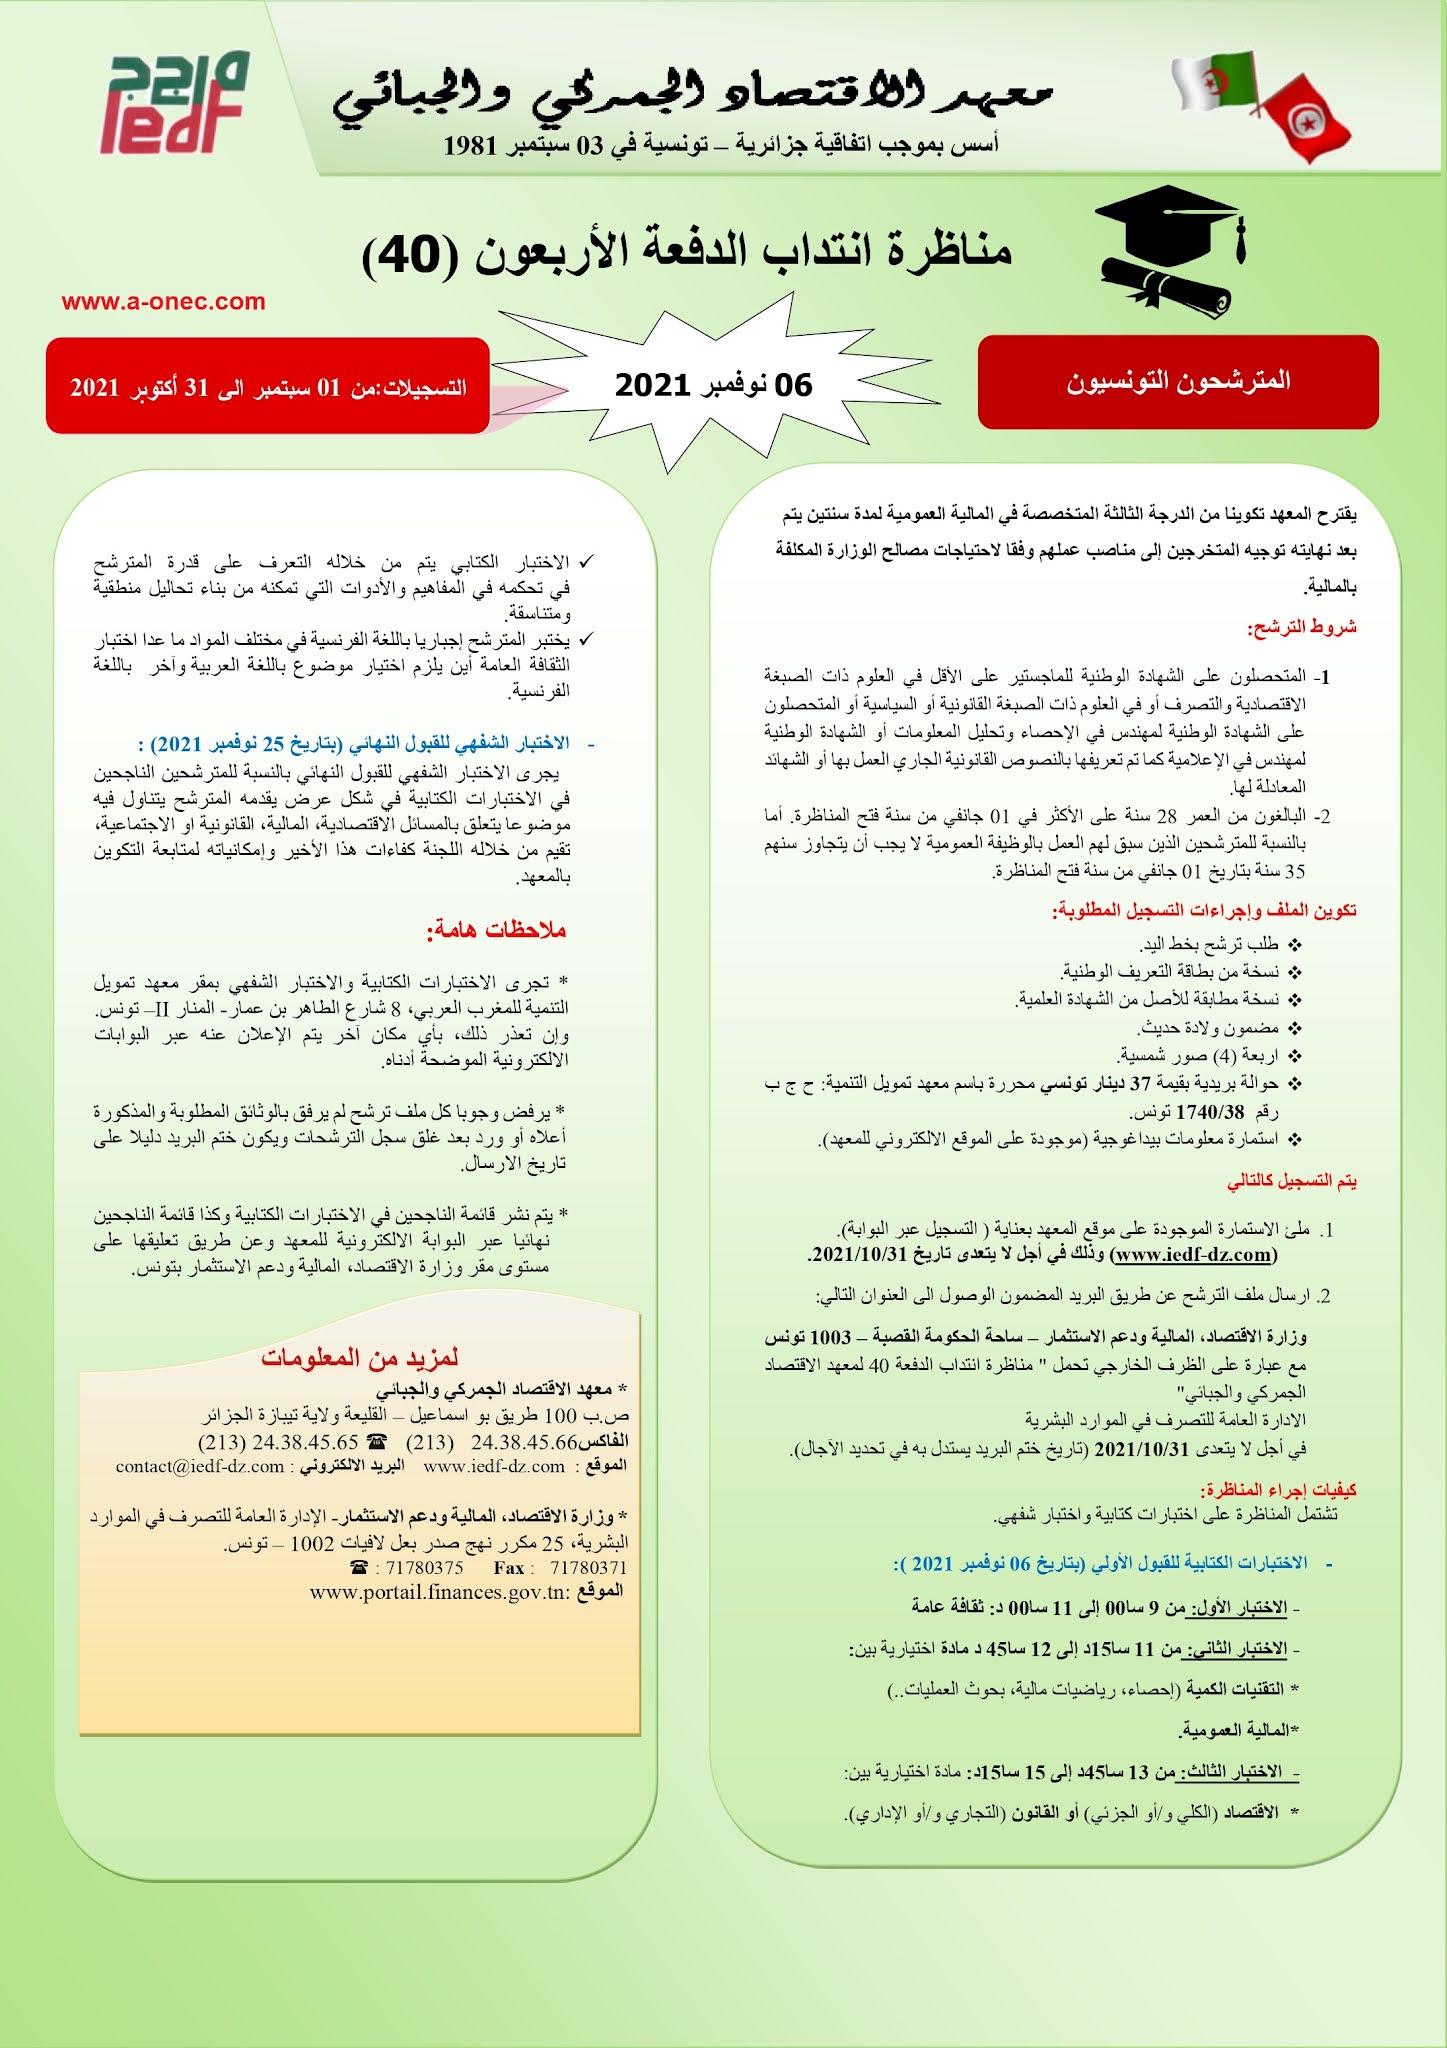 معهد الاقتصاد الجمركي والجبائي الجزائري التونسي Concours de recrutement